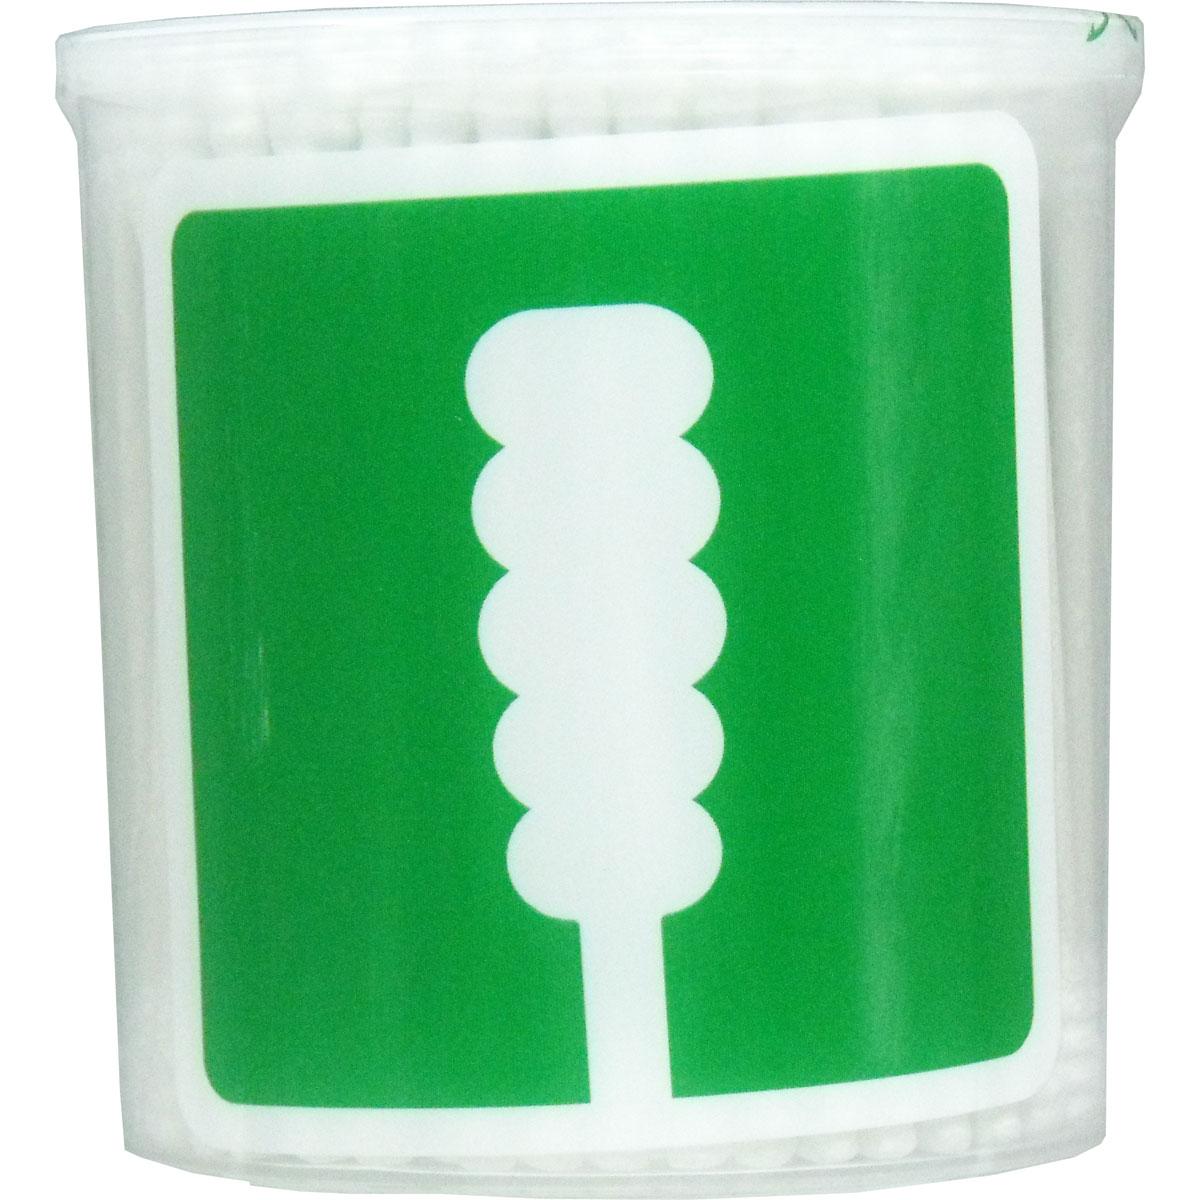 UD綿棒 スパイラル綿棒 凸凹型 紙軸 抗菌加工 200本入